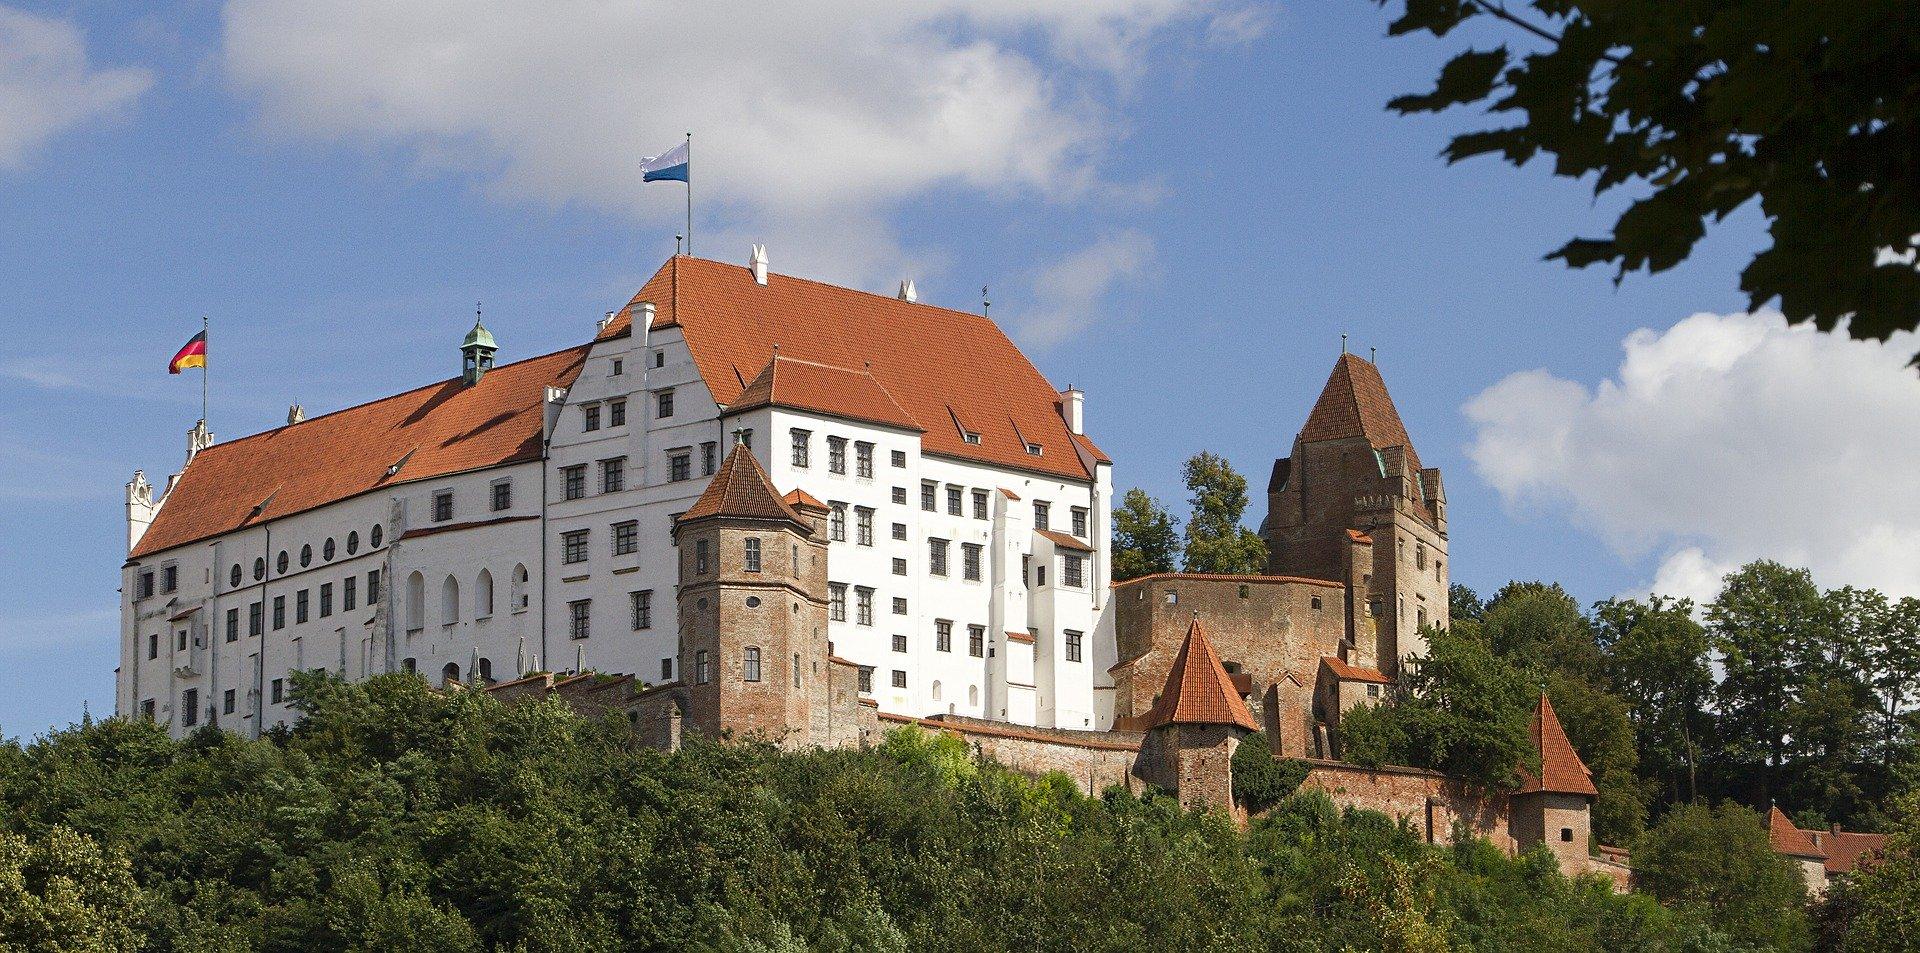 Schloss In Landshut